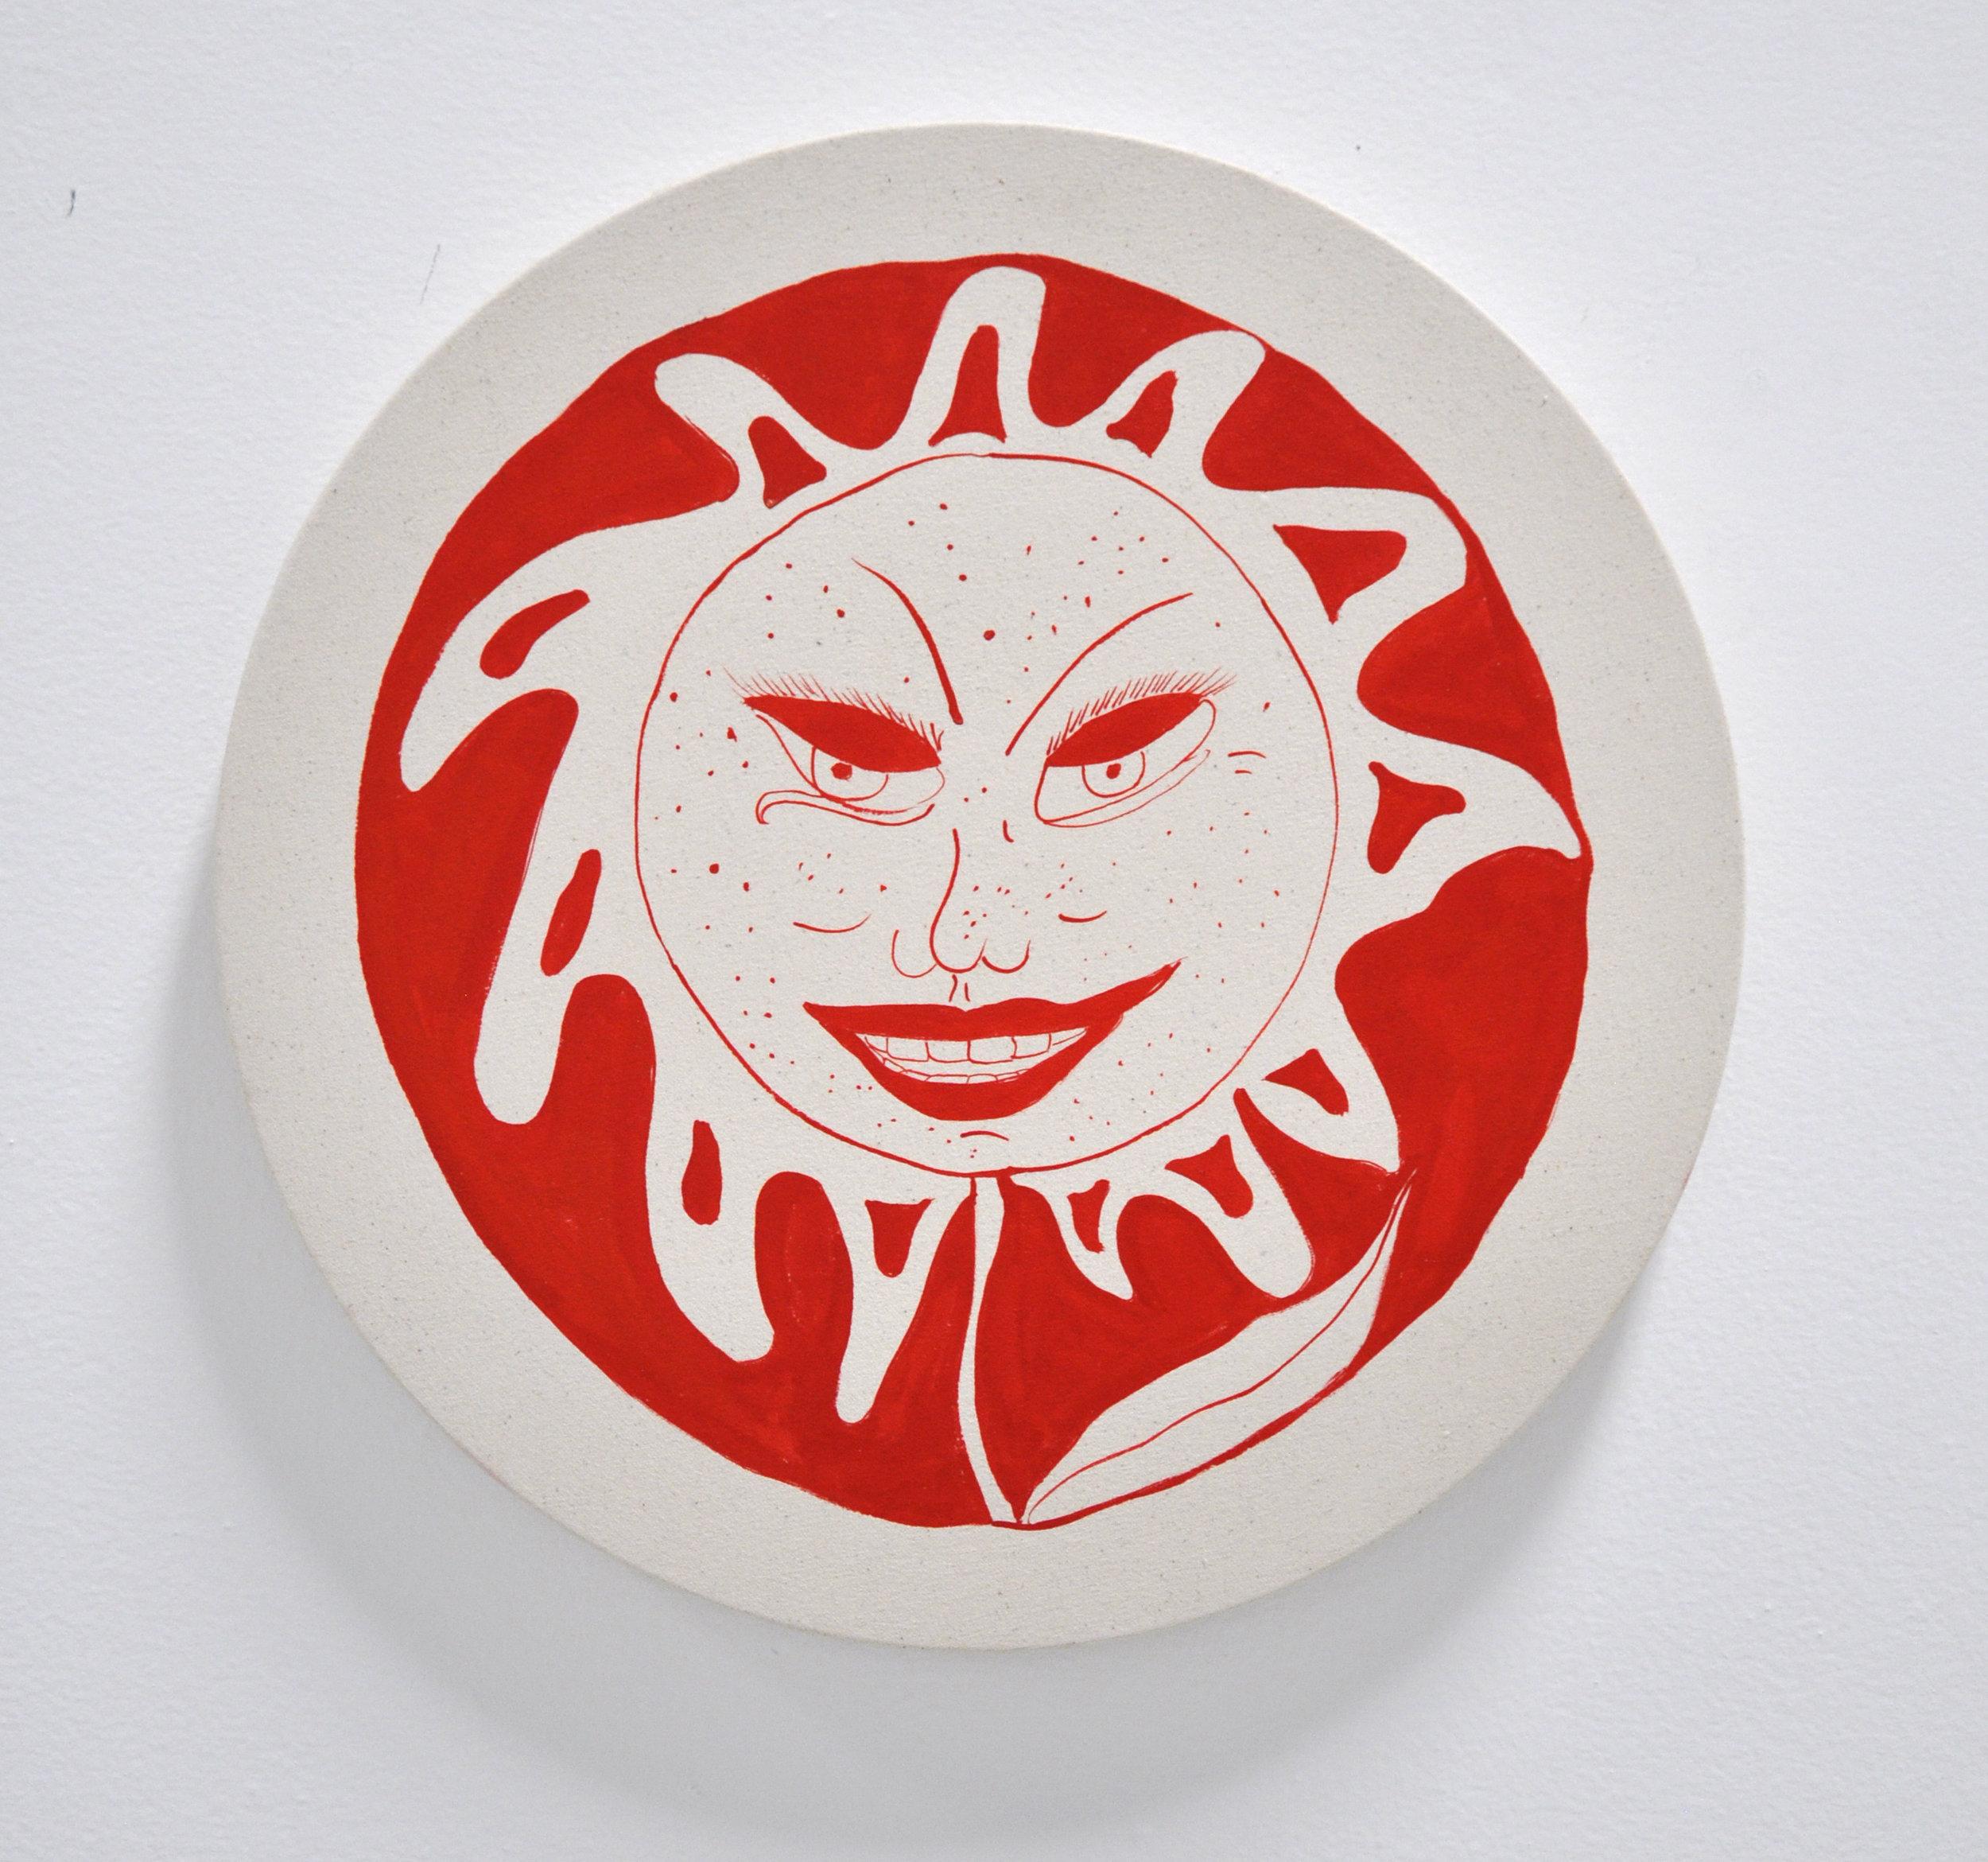 """Copy of Jamie Felton, """"Sunflower 1"""", 18 x 18in, Glazed ceramic, 2019"""